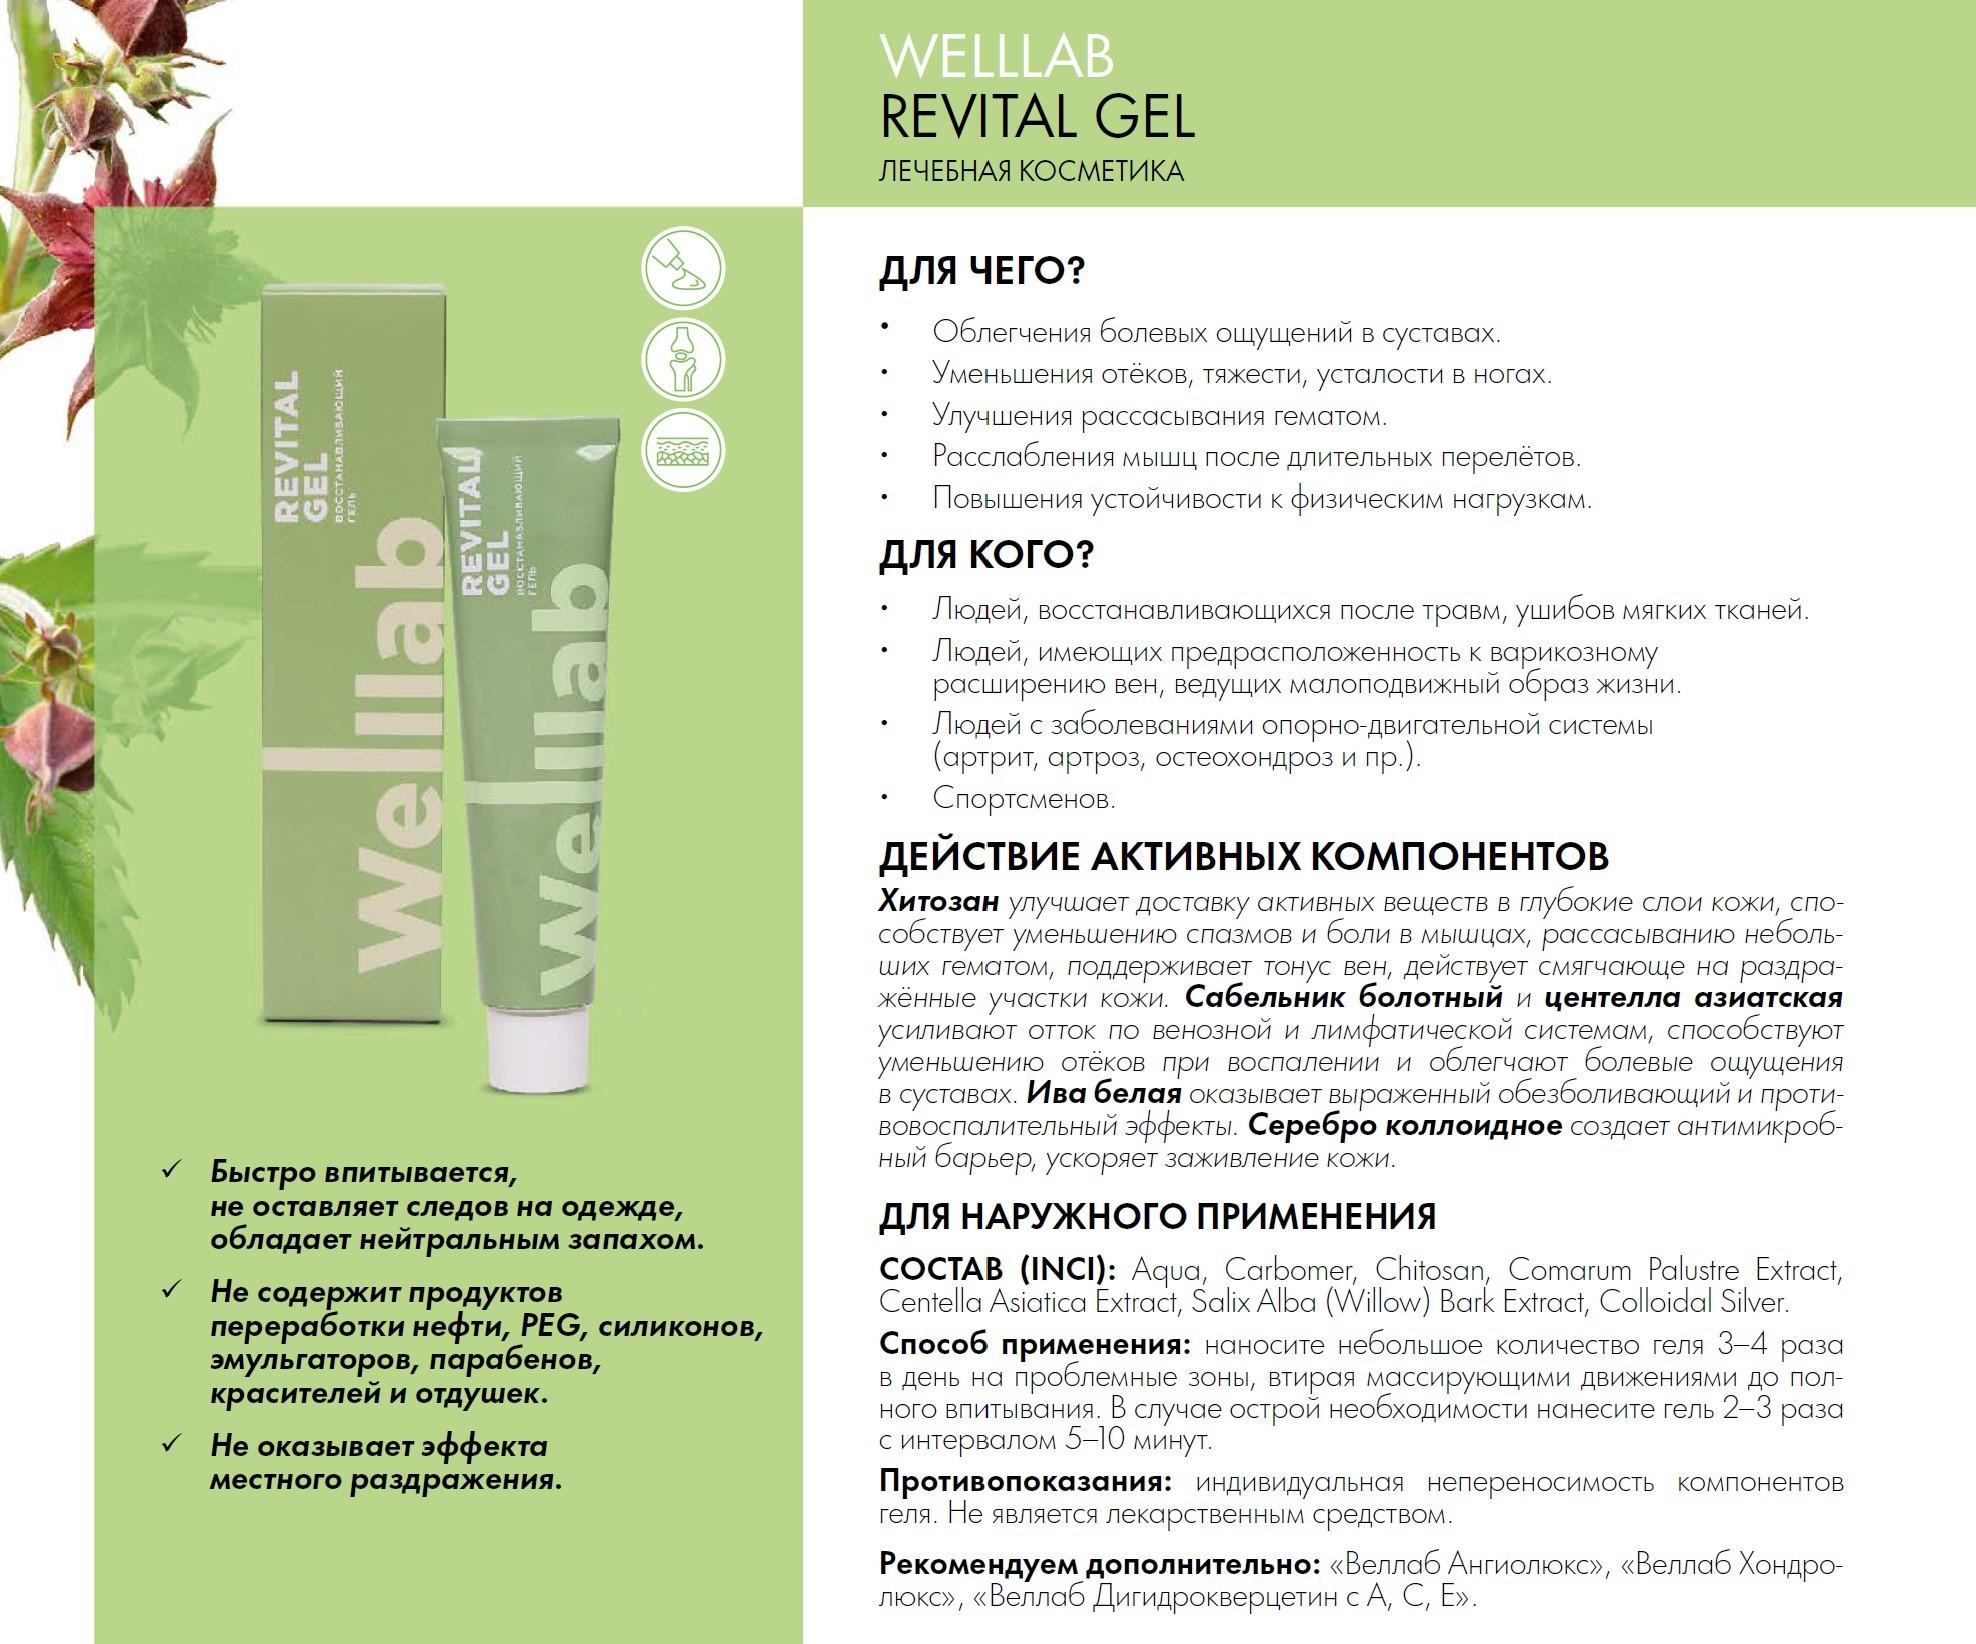 Welllab Revital gel